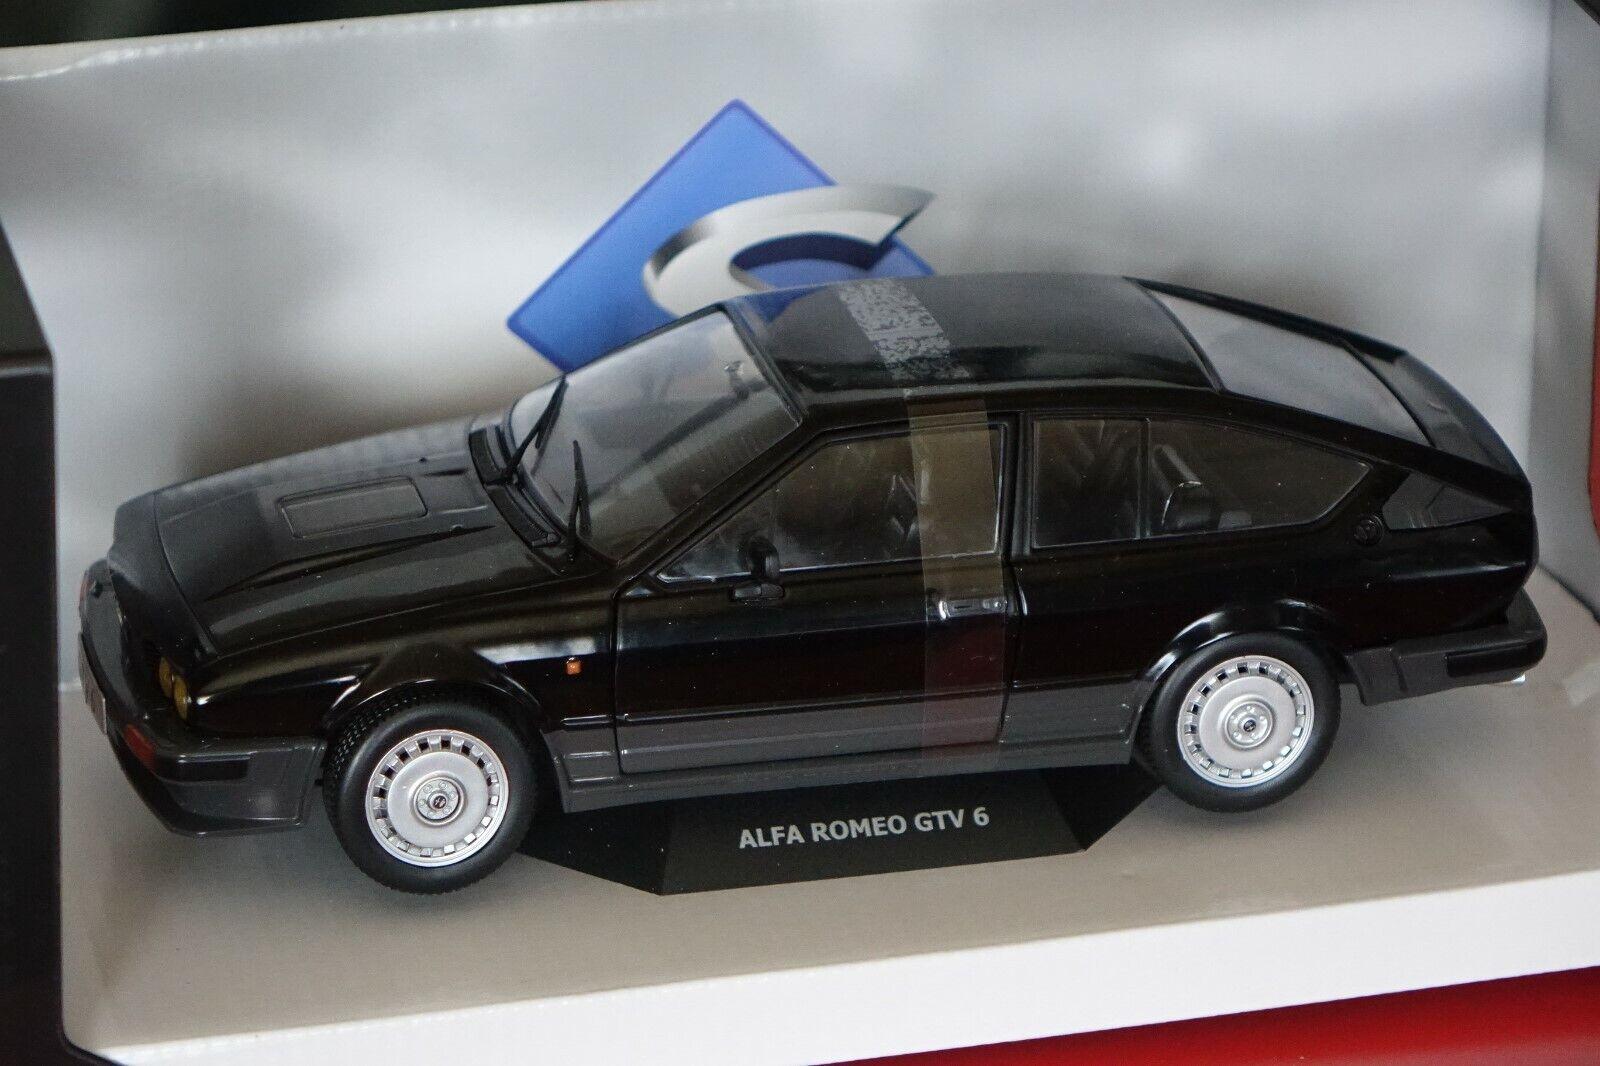 ALFA ROMEO GTV 6 NERO 1 18 solido 1802302 NUOVO & OVP